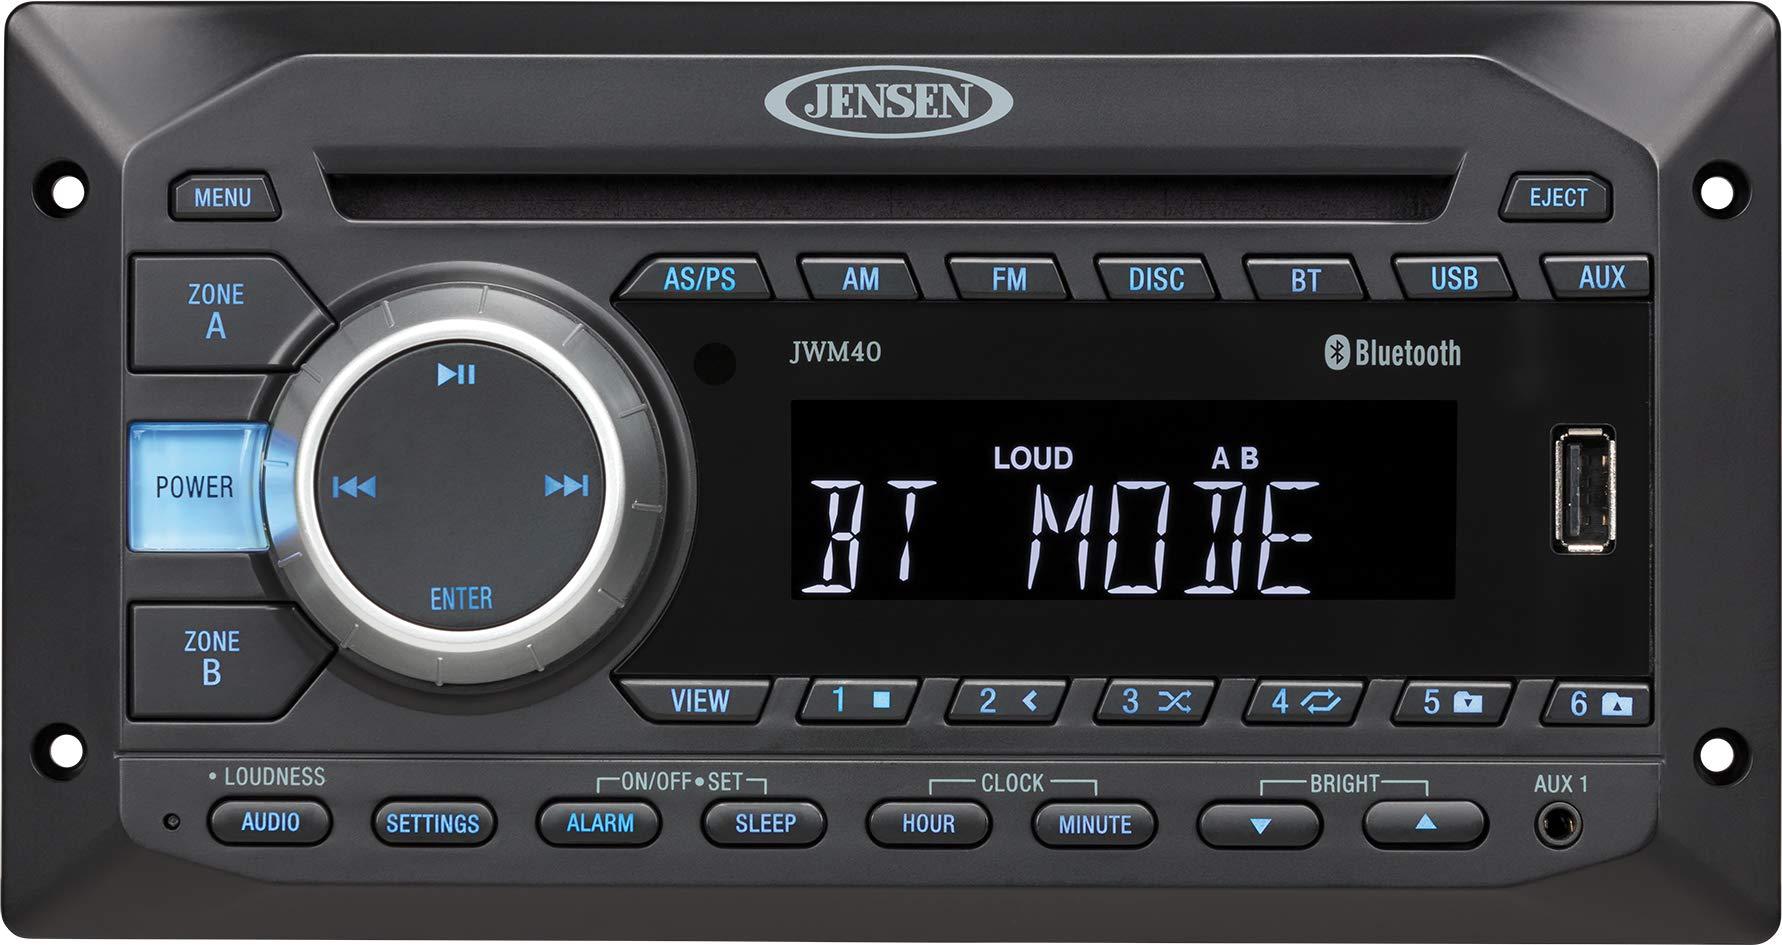 Jensen JWM40 DVD/USB/AUX/BT Stereo by Jensen